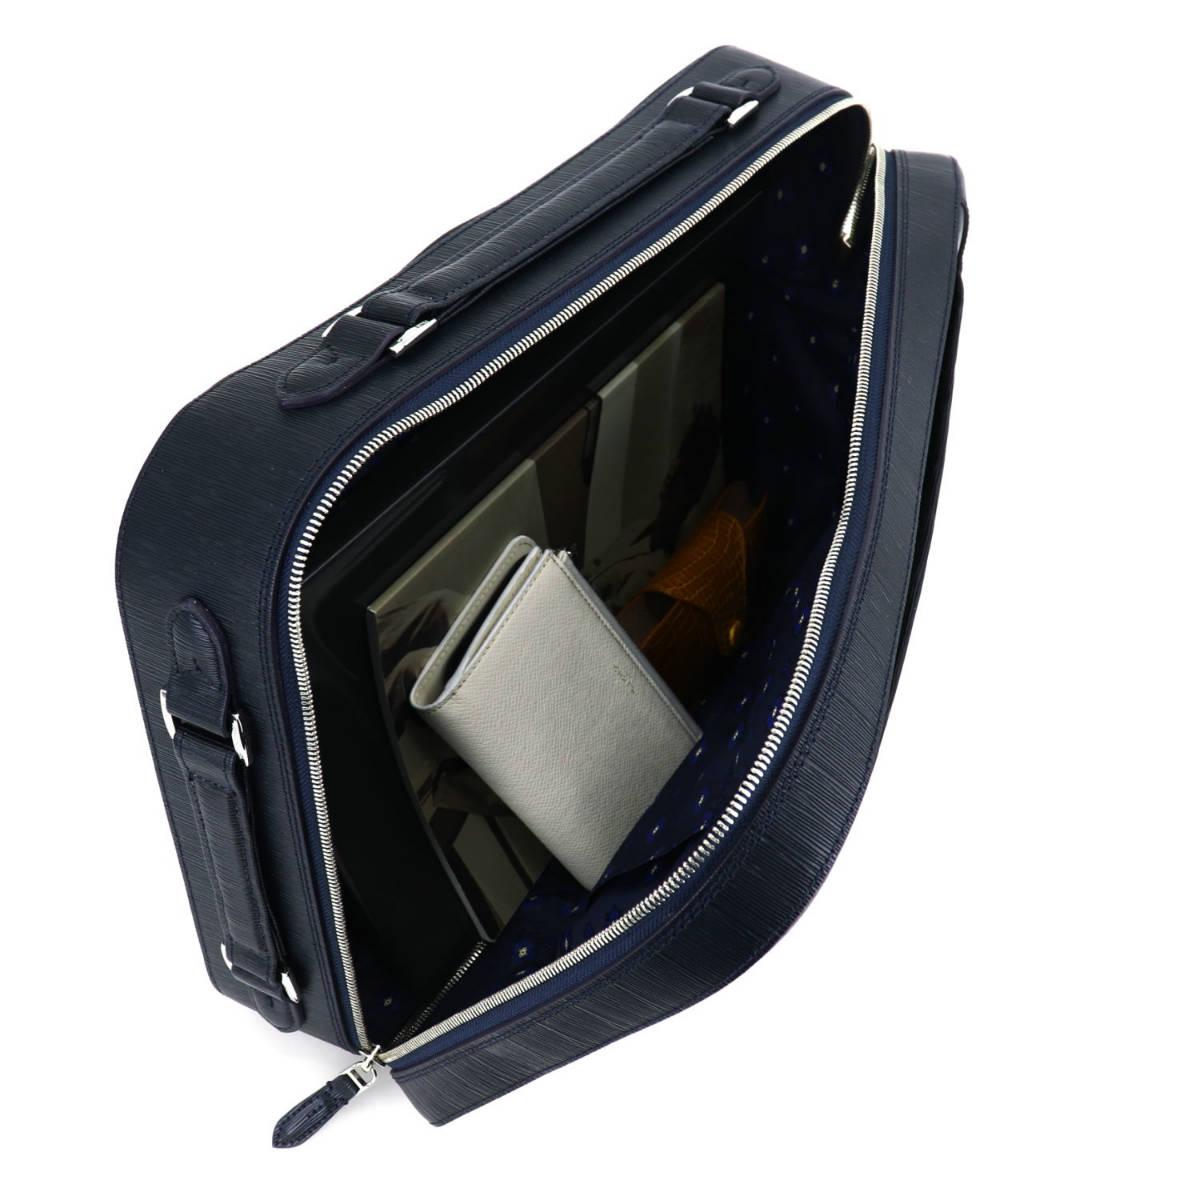 ペッレモルビダ PELLE MORBIDA CAPITANO キャピターノ 型押しレザー プロヴァンスプリント 3way リュック型ブリーフバッグ PMO-CA207PR NVY(ネイビー)